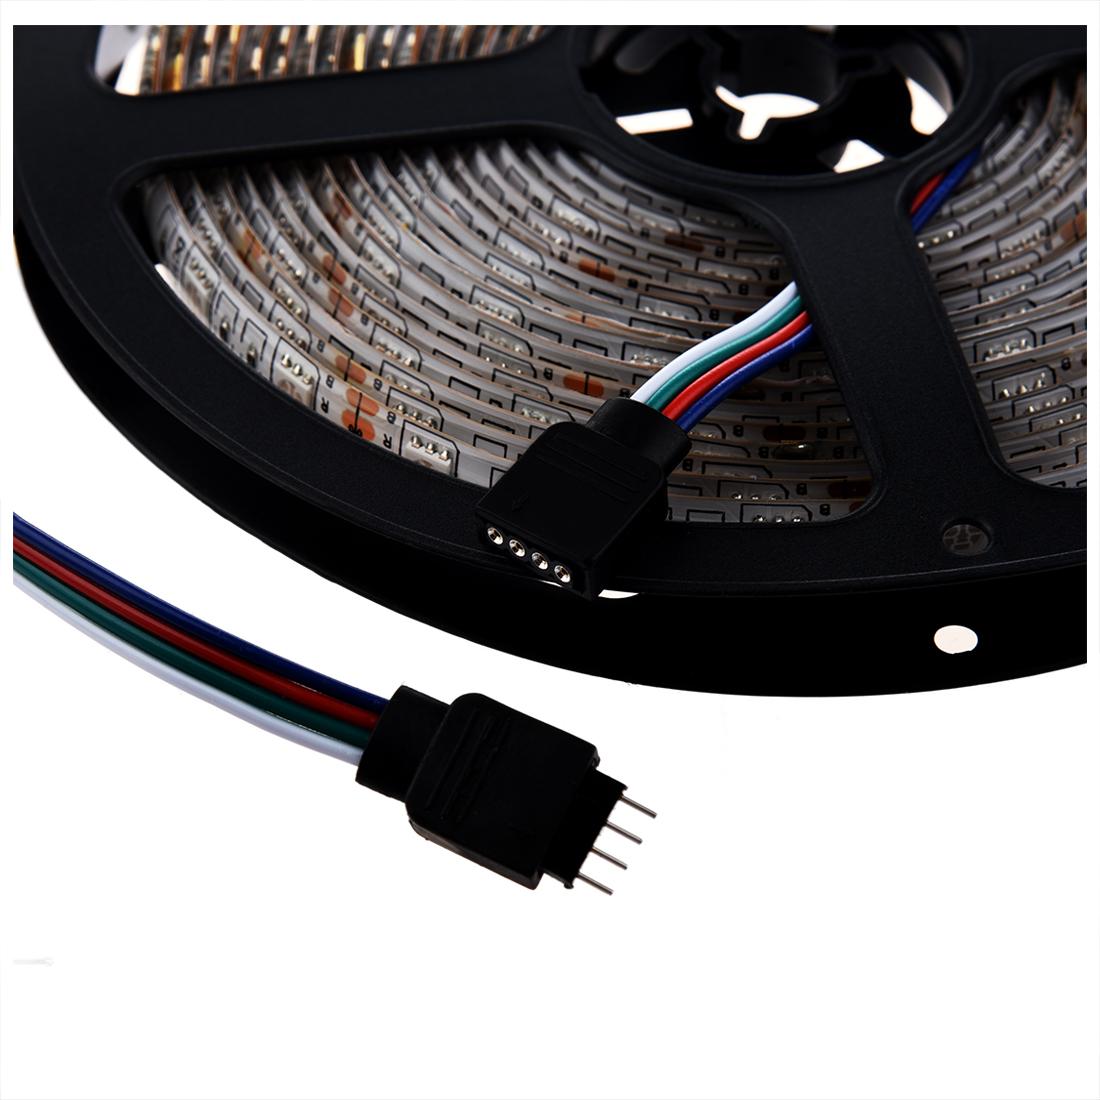 rgb 5m 5050 led strip light flexible 300 leds smd led tape. Black Bedroom Furniture Sets. Home Design Ideas